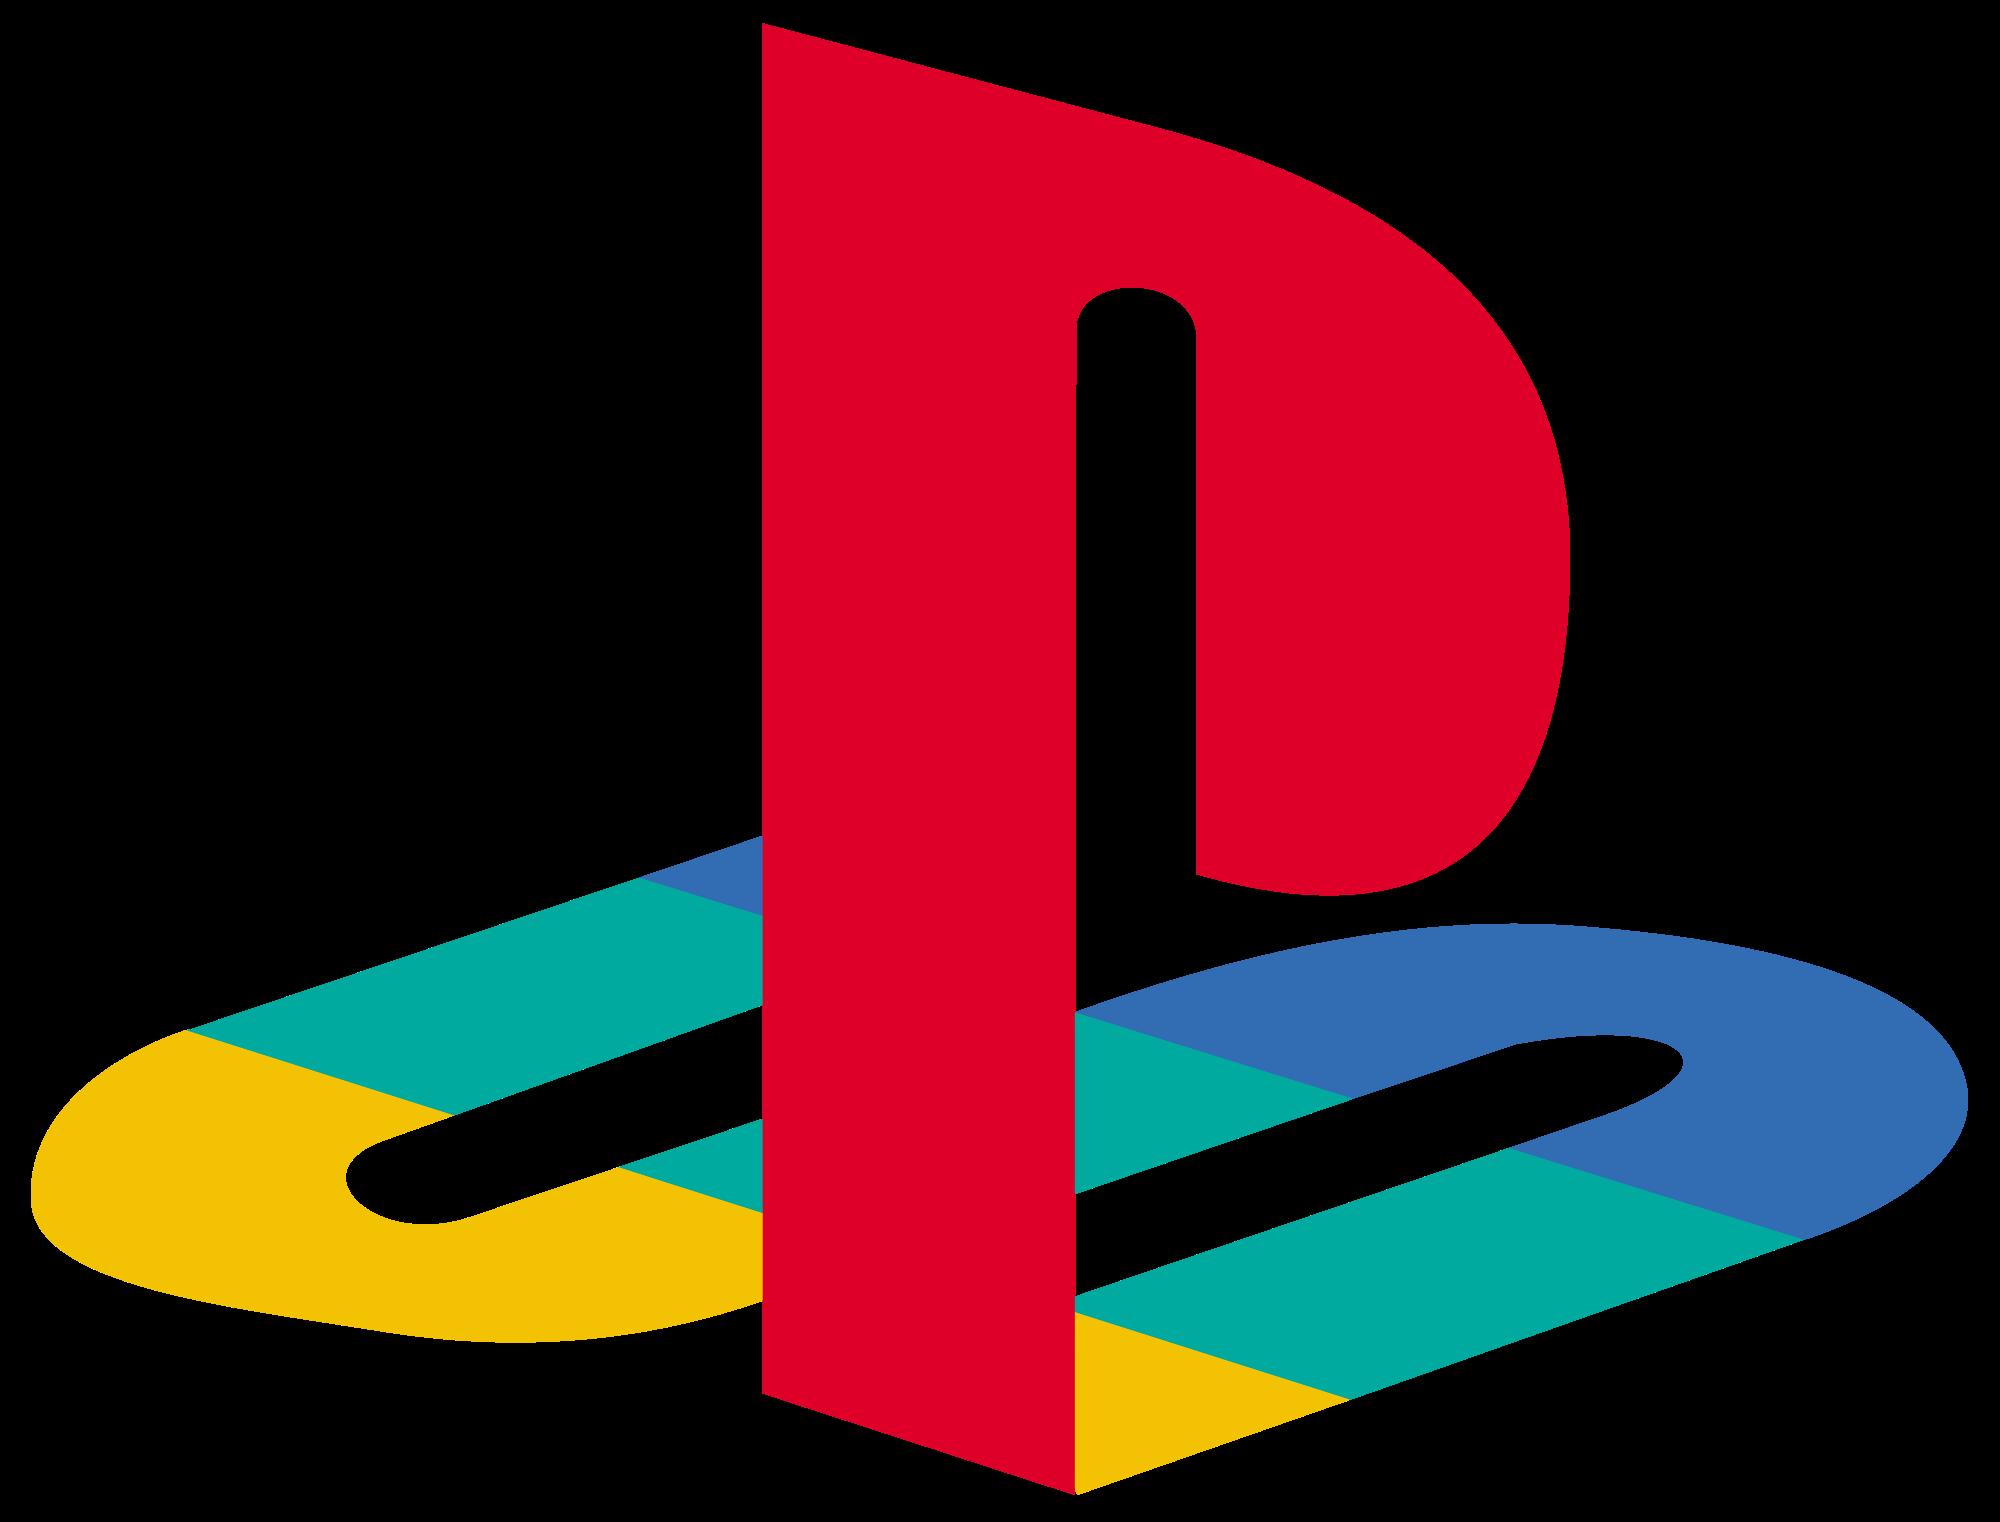 Совместимость PlayStation 4 и старых игр может осуществляться при ...